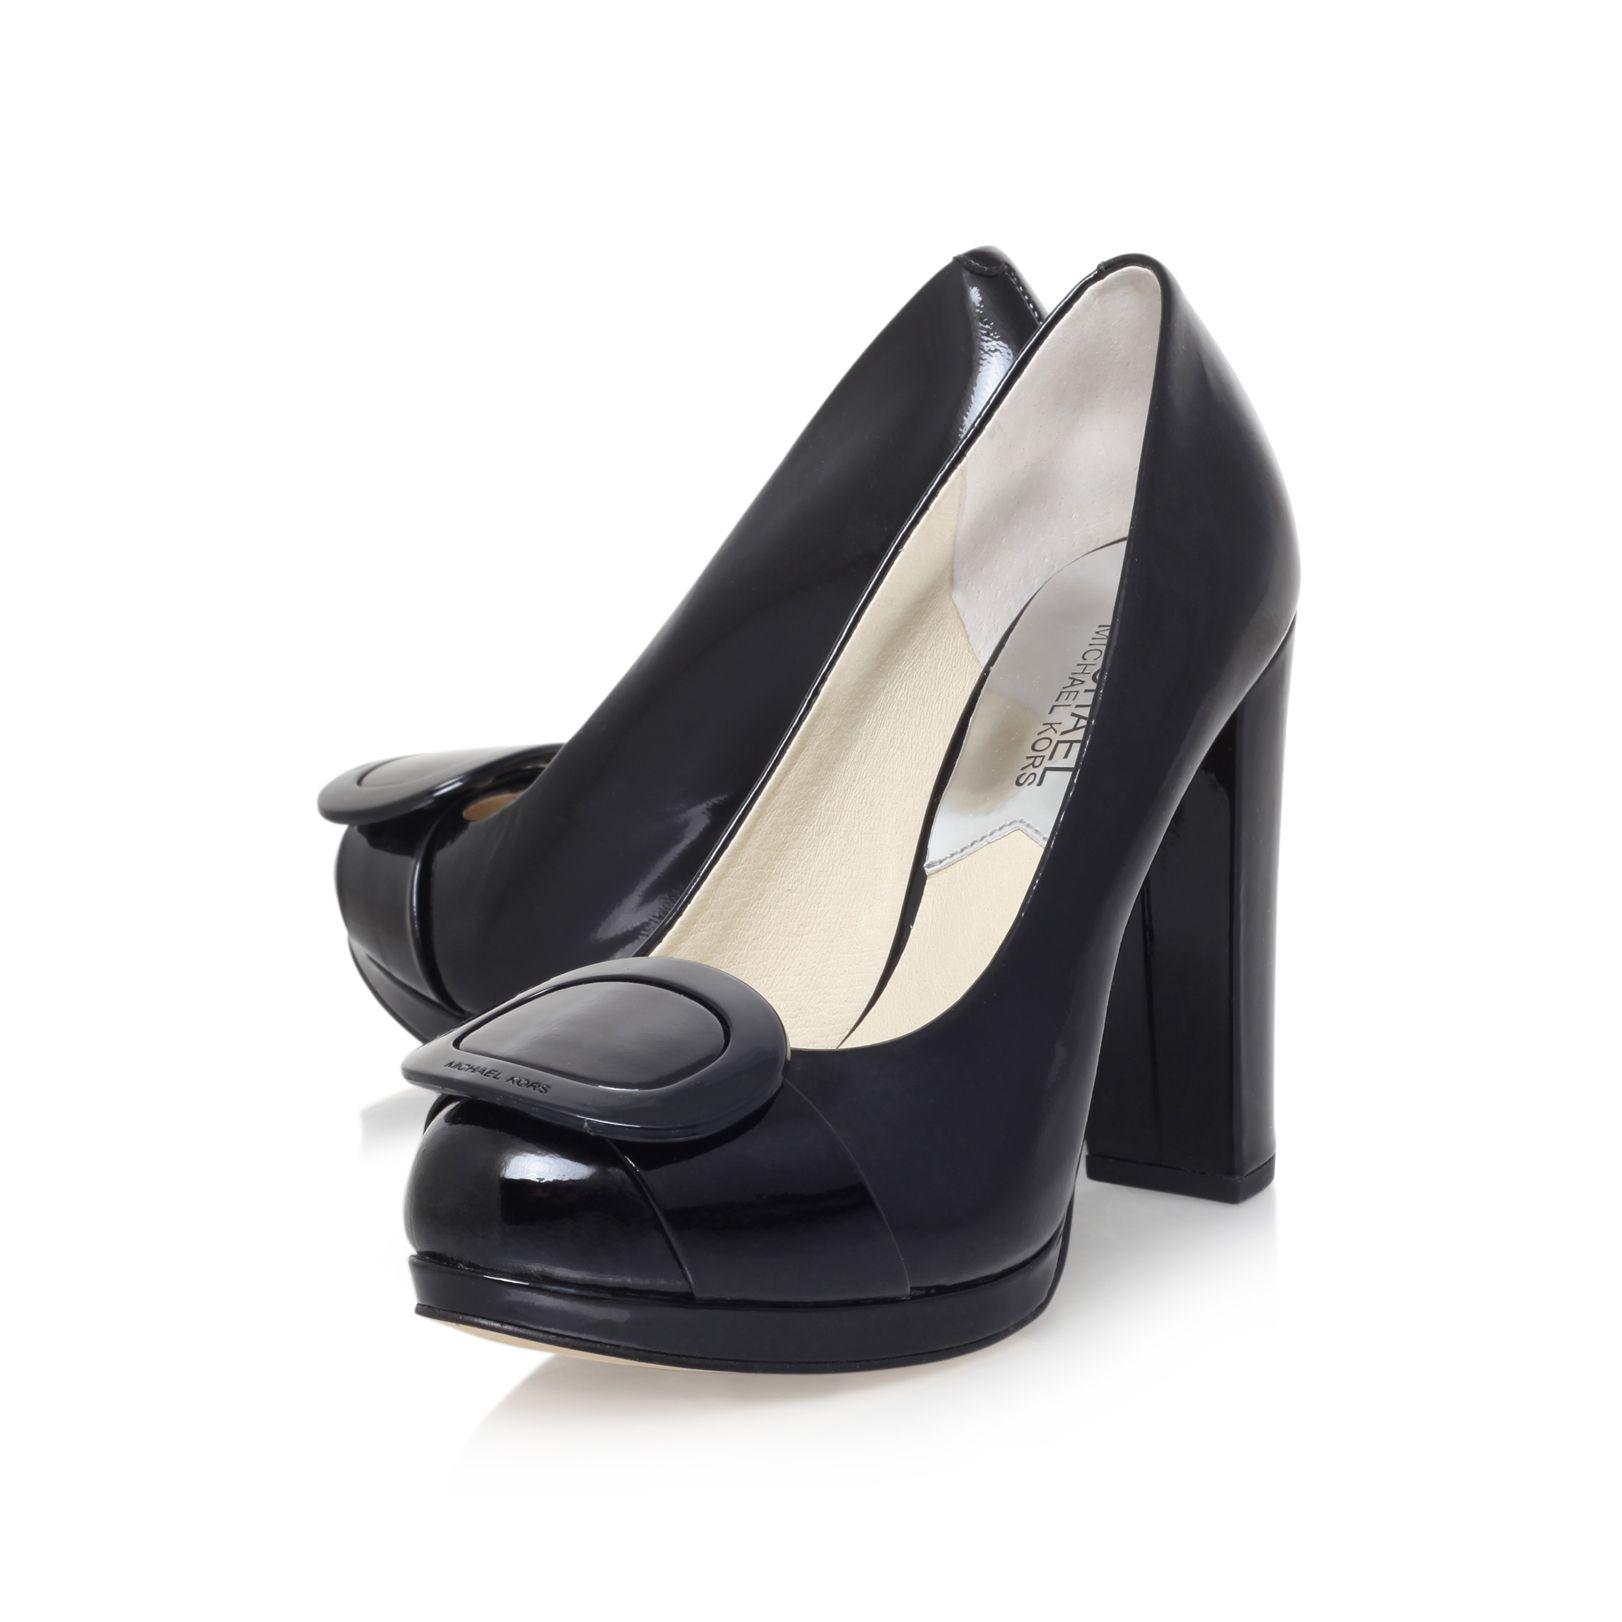 michael kors pauline platform high heel court shoes in black lyst. Black Bedroom Furniture Sets. Home Design Ideas